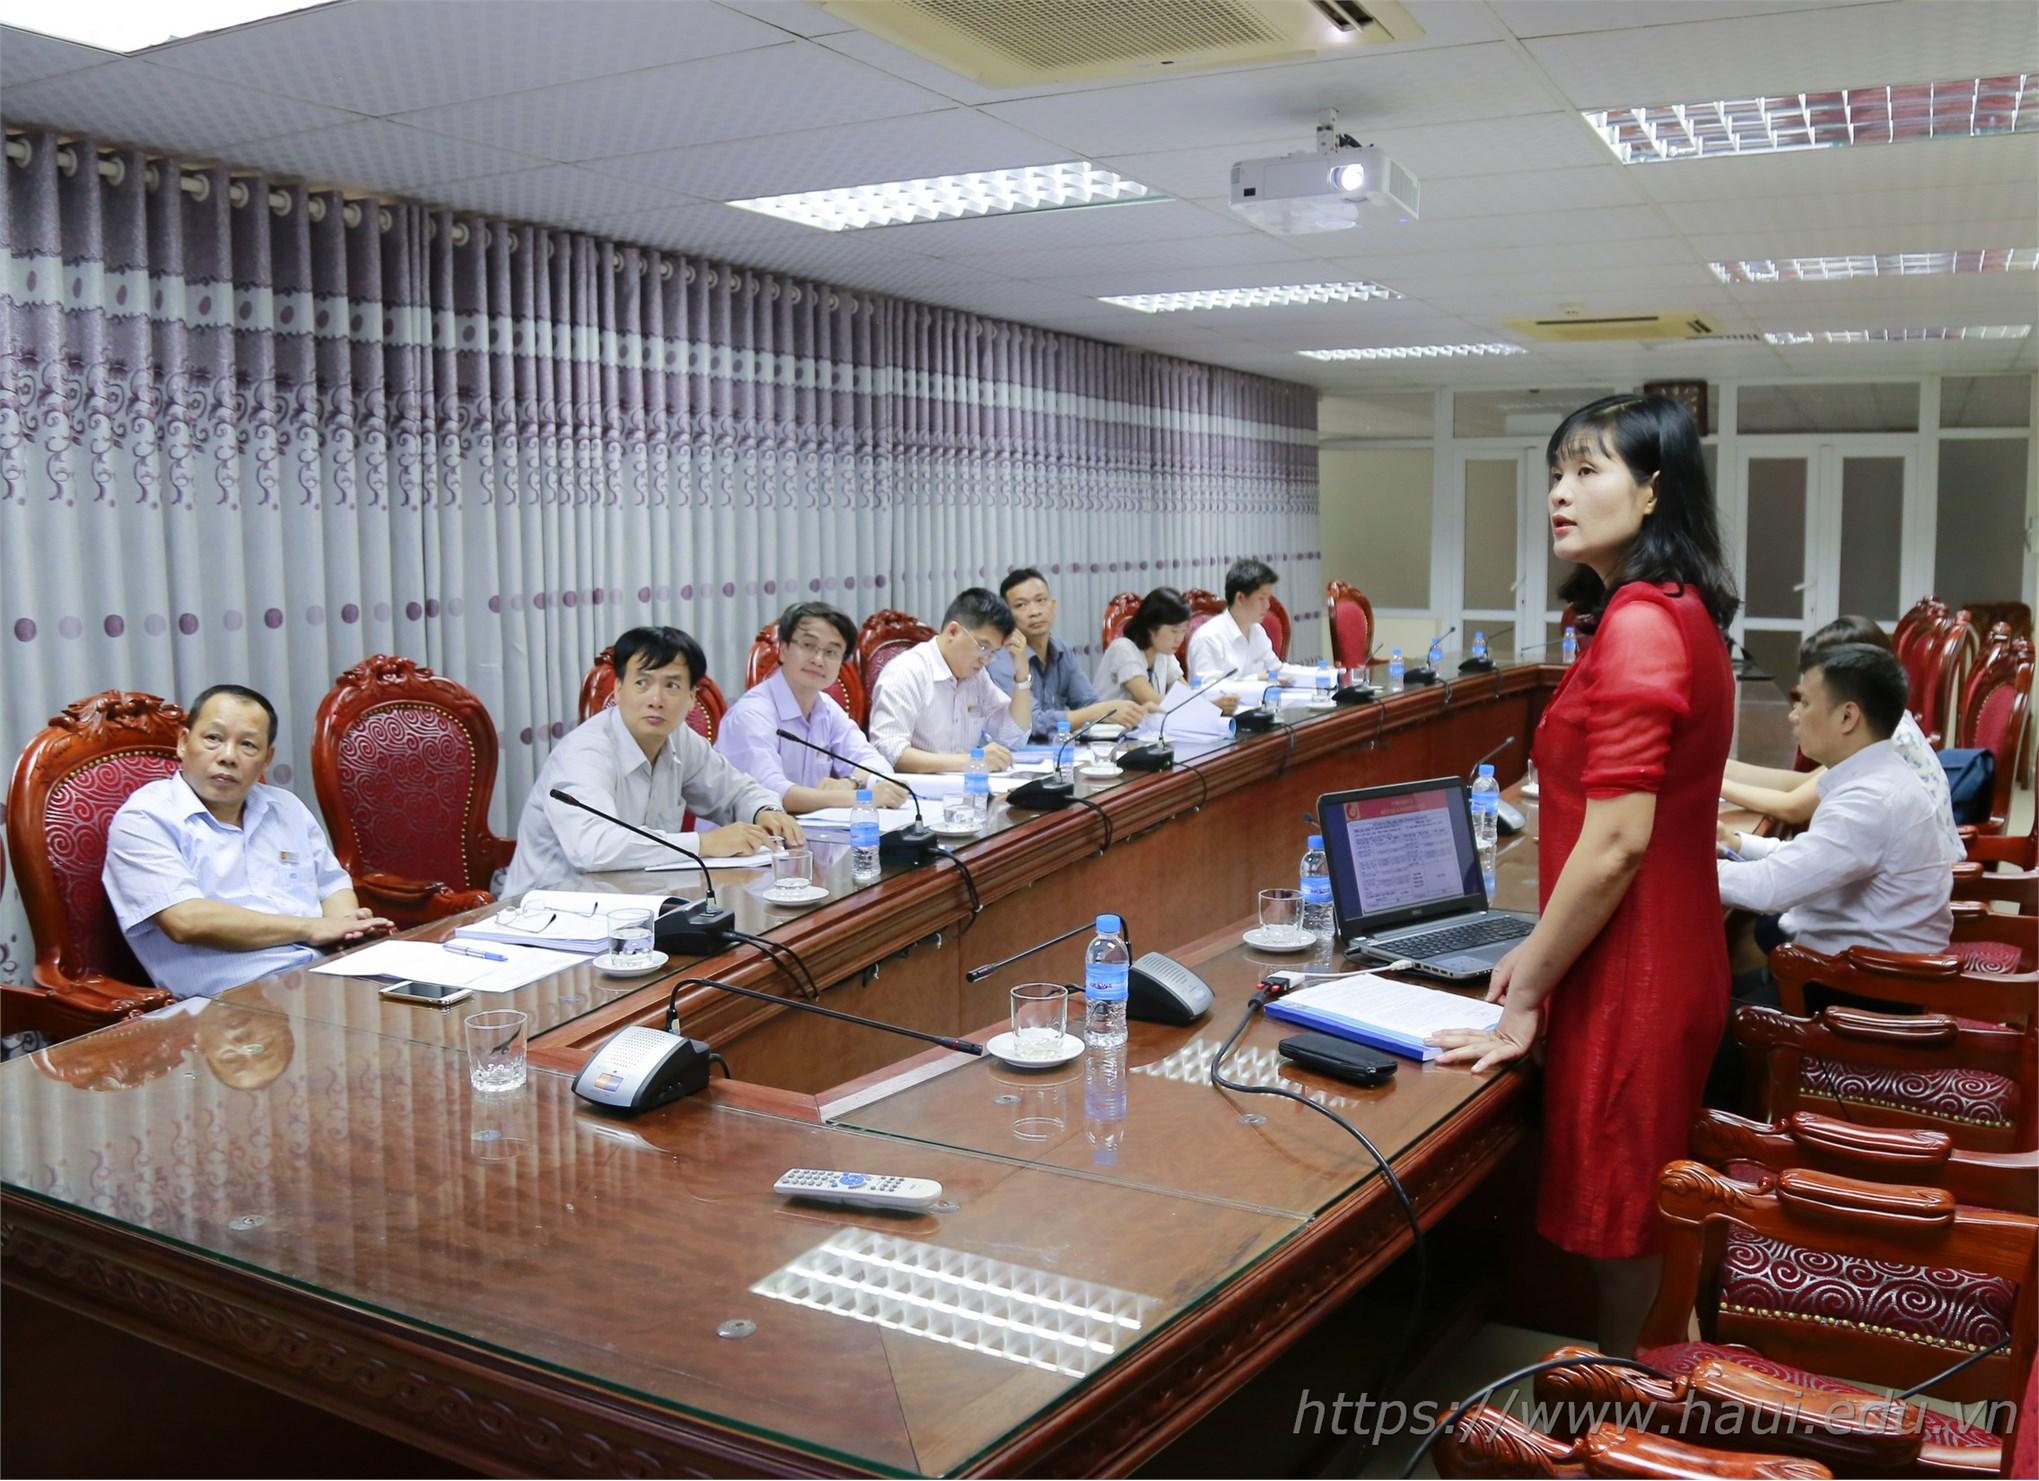 TS. Trương Thanh Hằng với nghiên cứu về các nhân tố ảnh hưởng đến hiệu quả hoạt động kinh doanh của doanh nghiệp